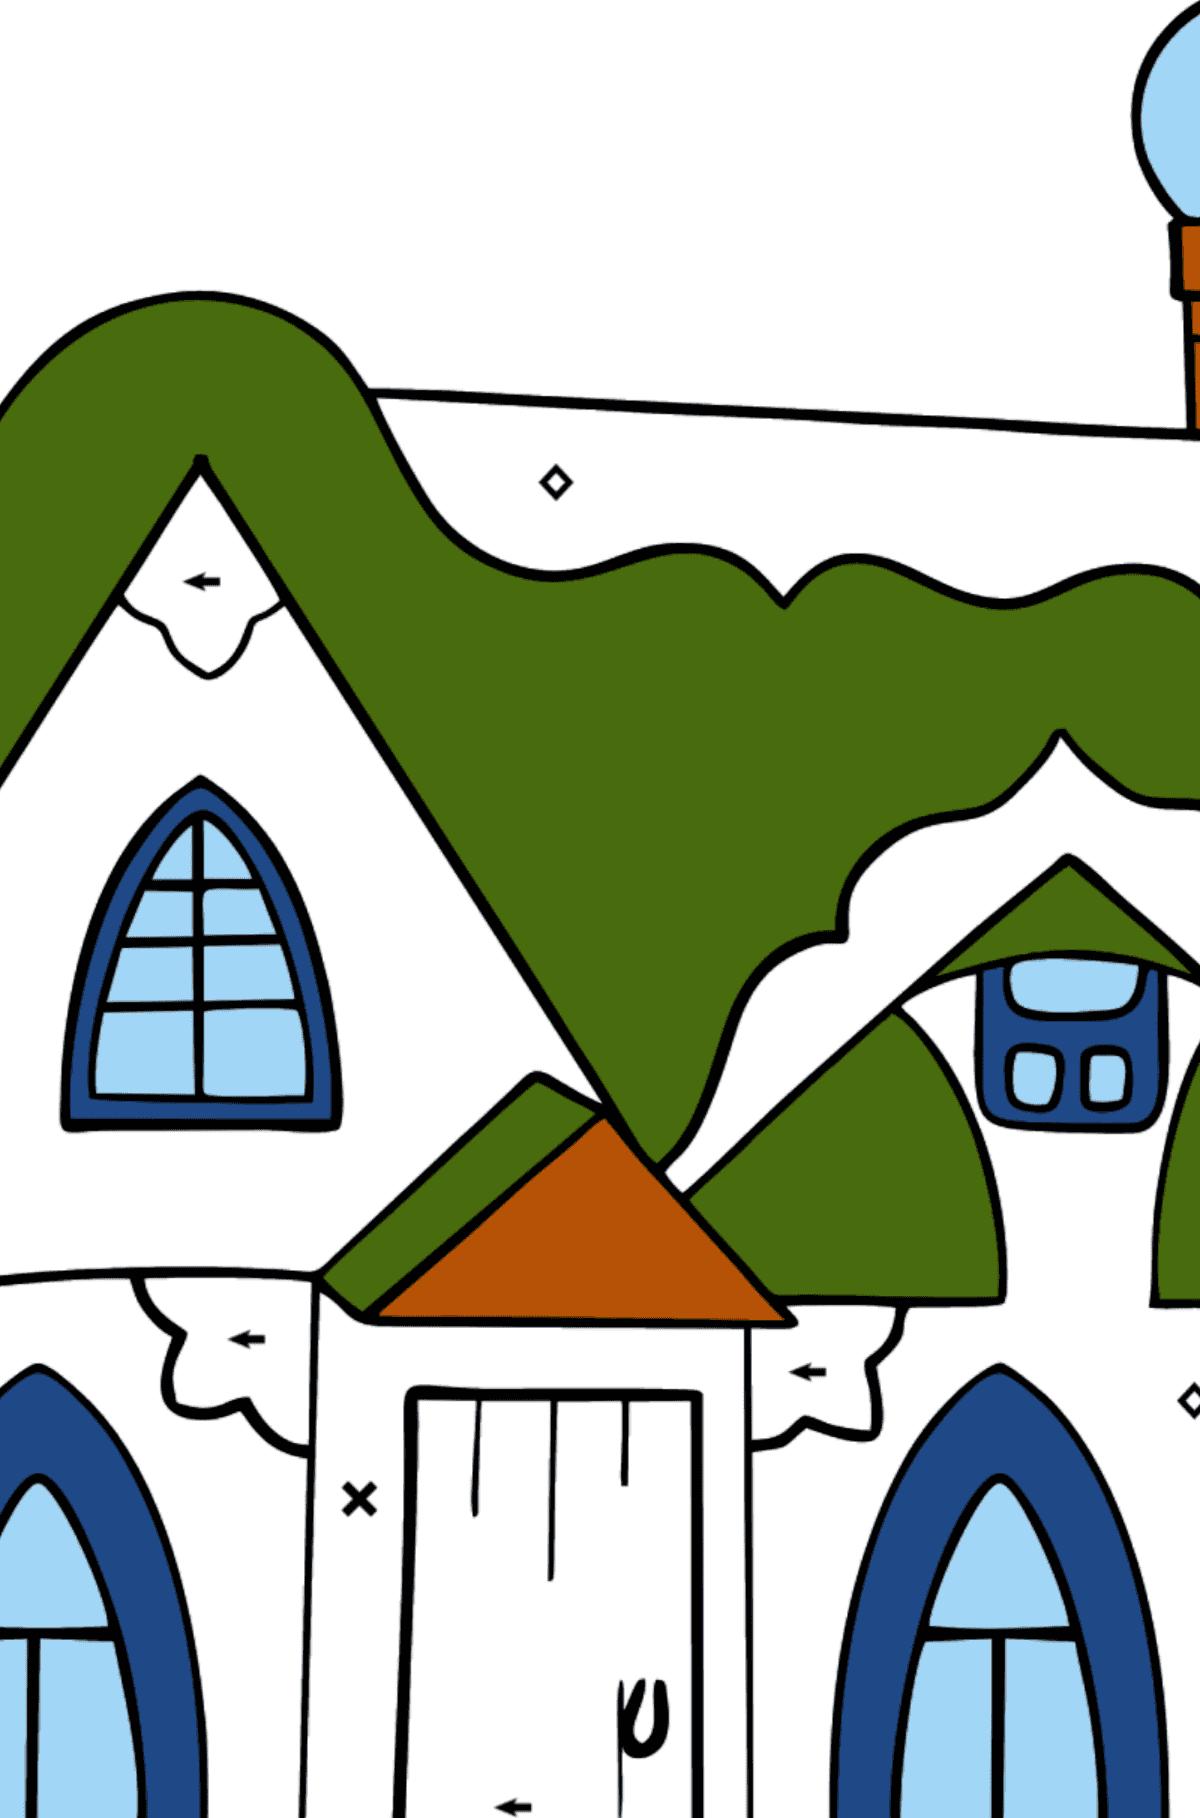 Сложная раскраска сказочный домик - Раскраска по Символам и Геометрическим Фигурам для Детей